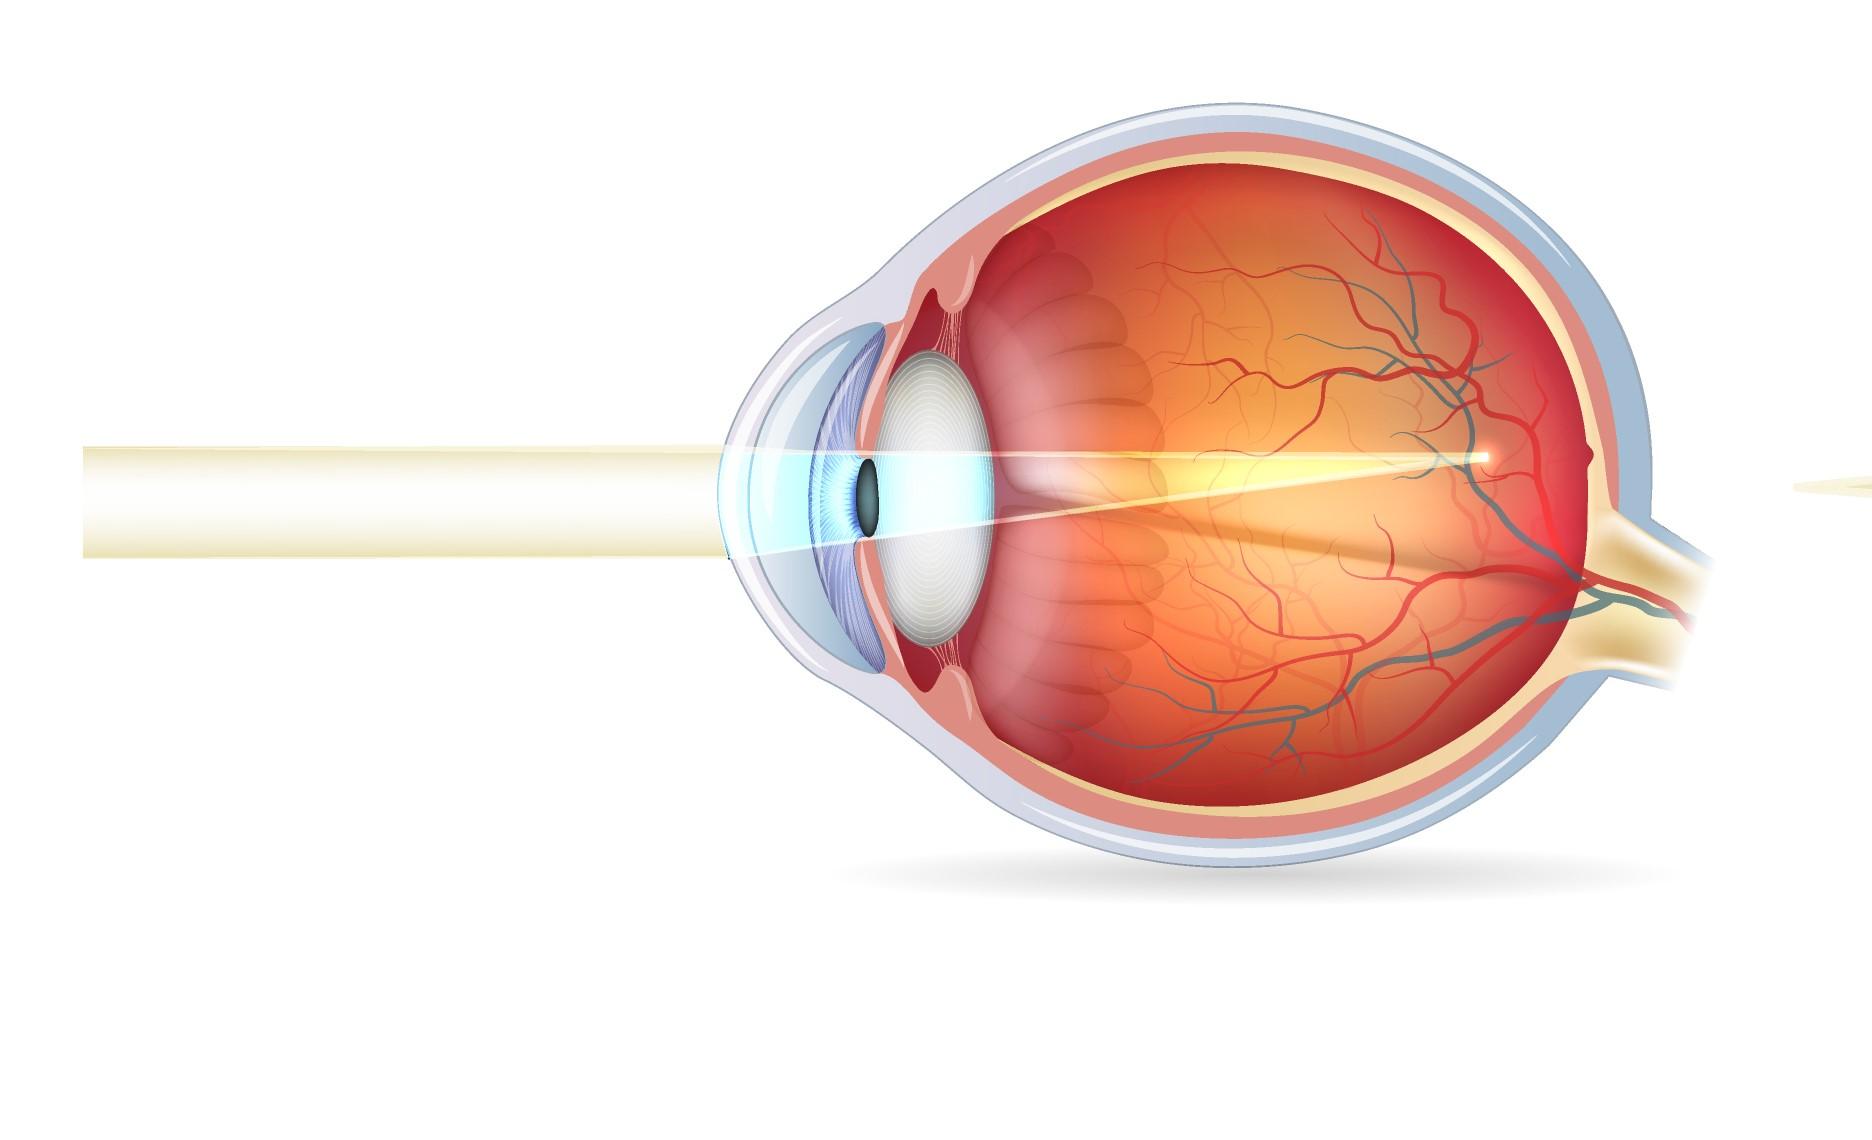 Miopía: Que es, causas, tratamiento, cirugia y tipos de miopia